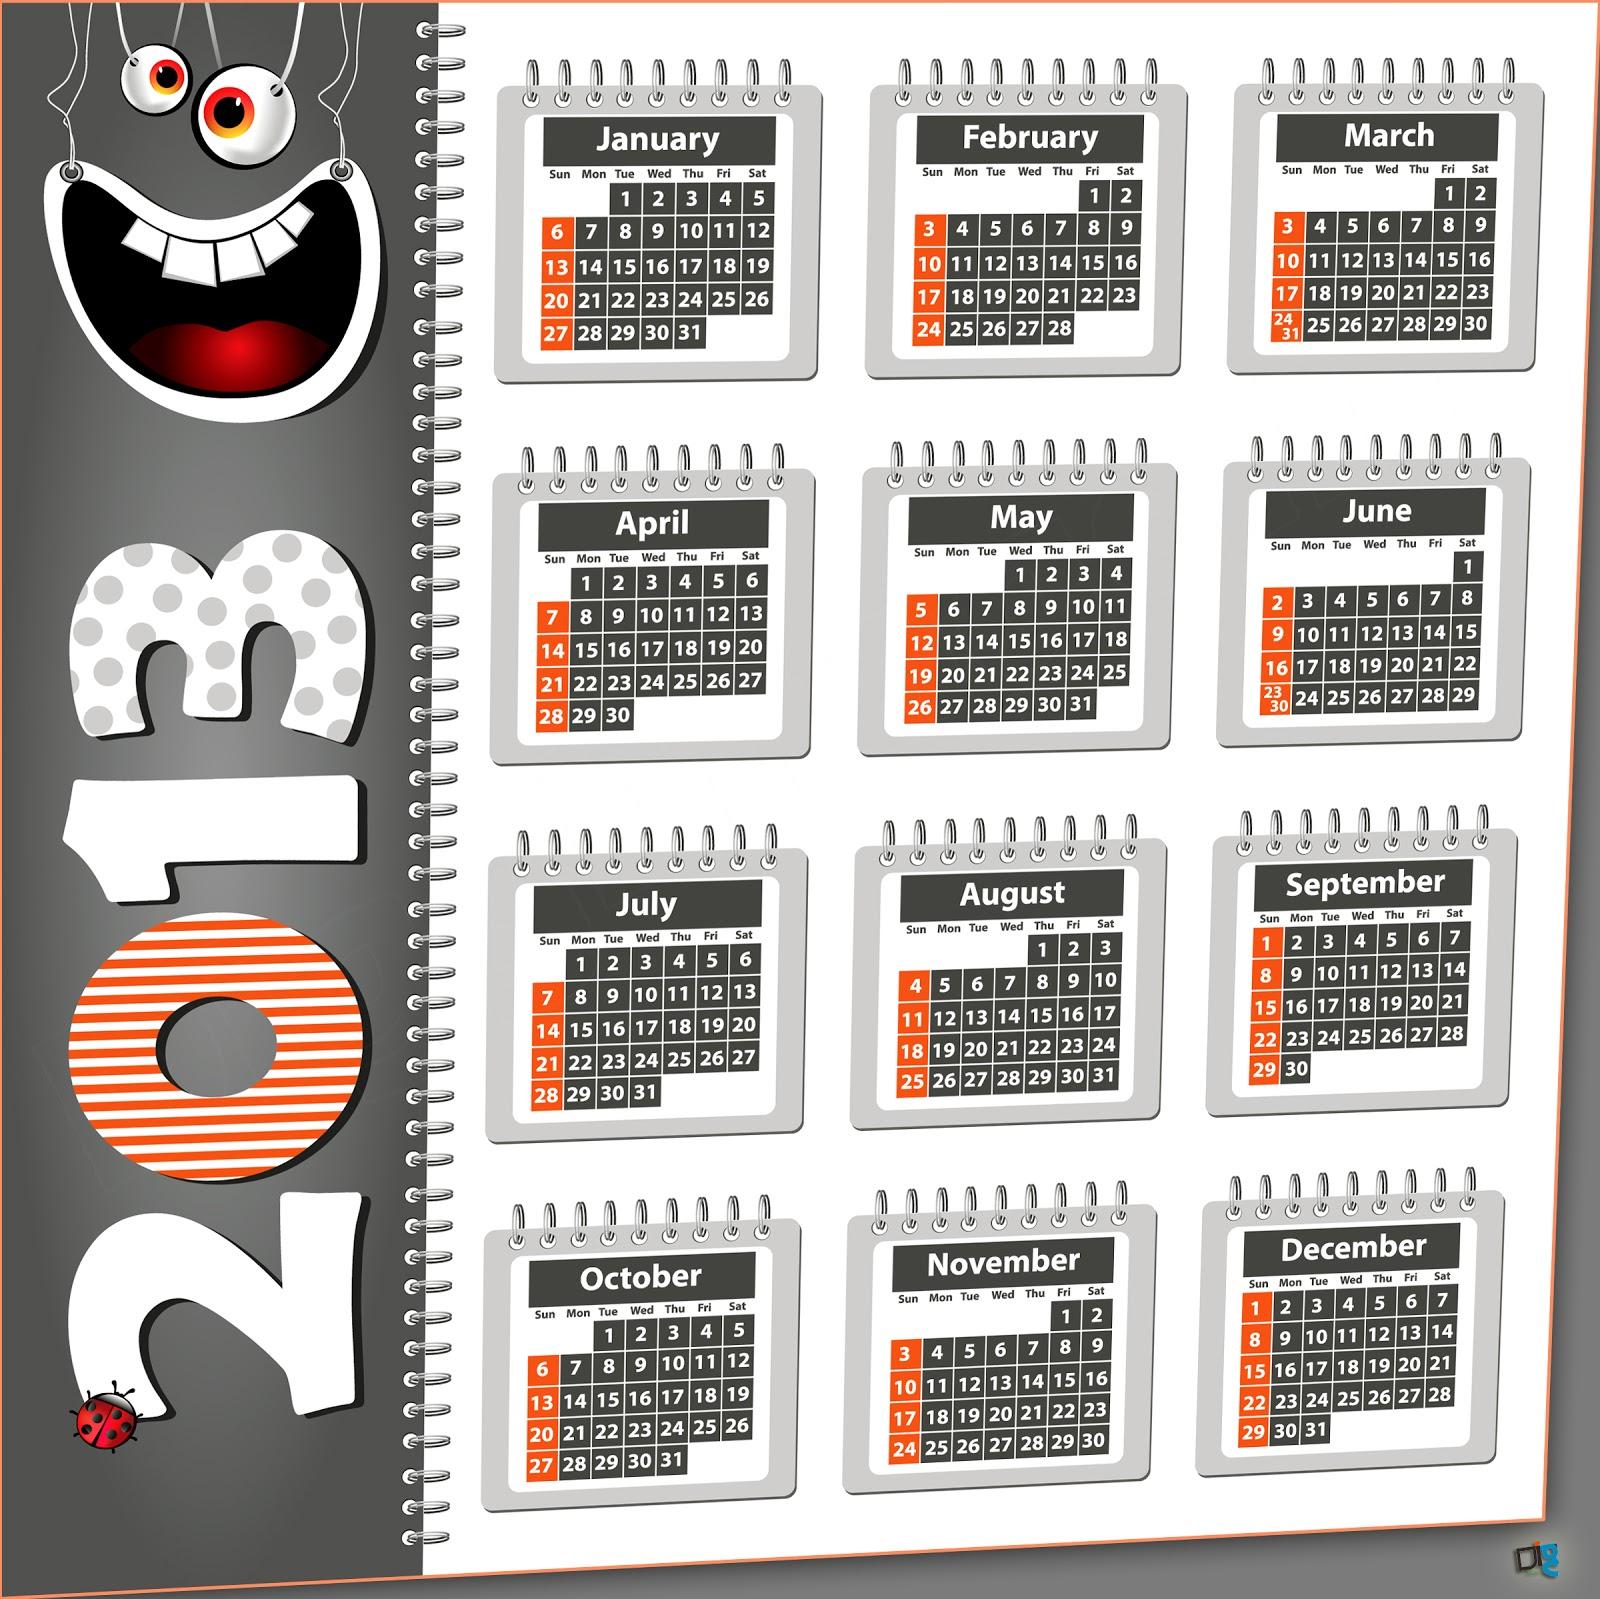 https://2.bp.blogspot.com/-Yxvp_DltlfU/UKy_jddFR1I/AAAAAAAADYc/EQGxIUiMHu0/s1600/2013+calendar+printalbe+in+hd+full+year.jpg